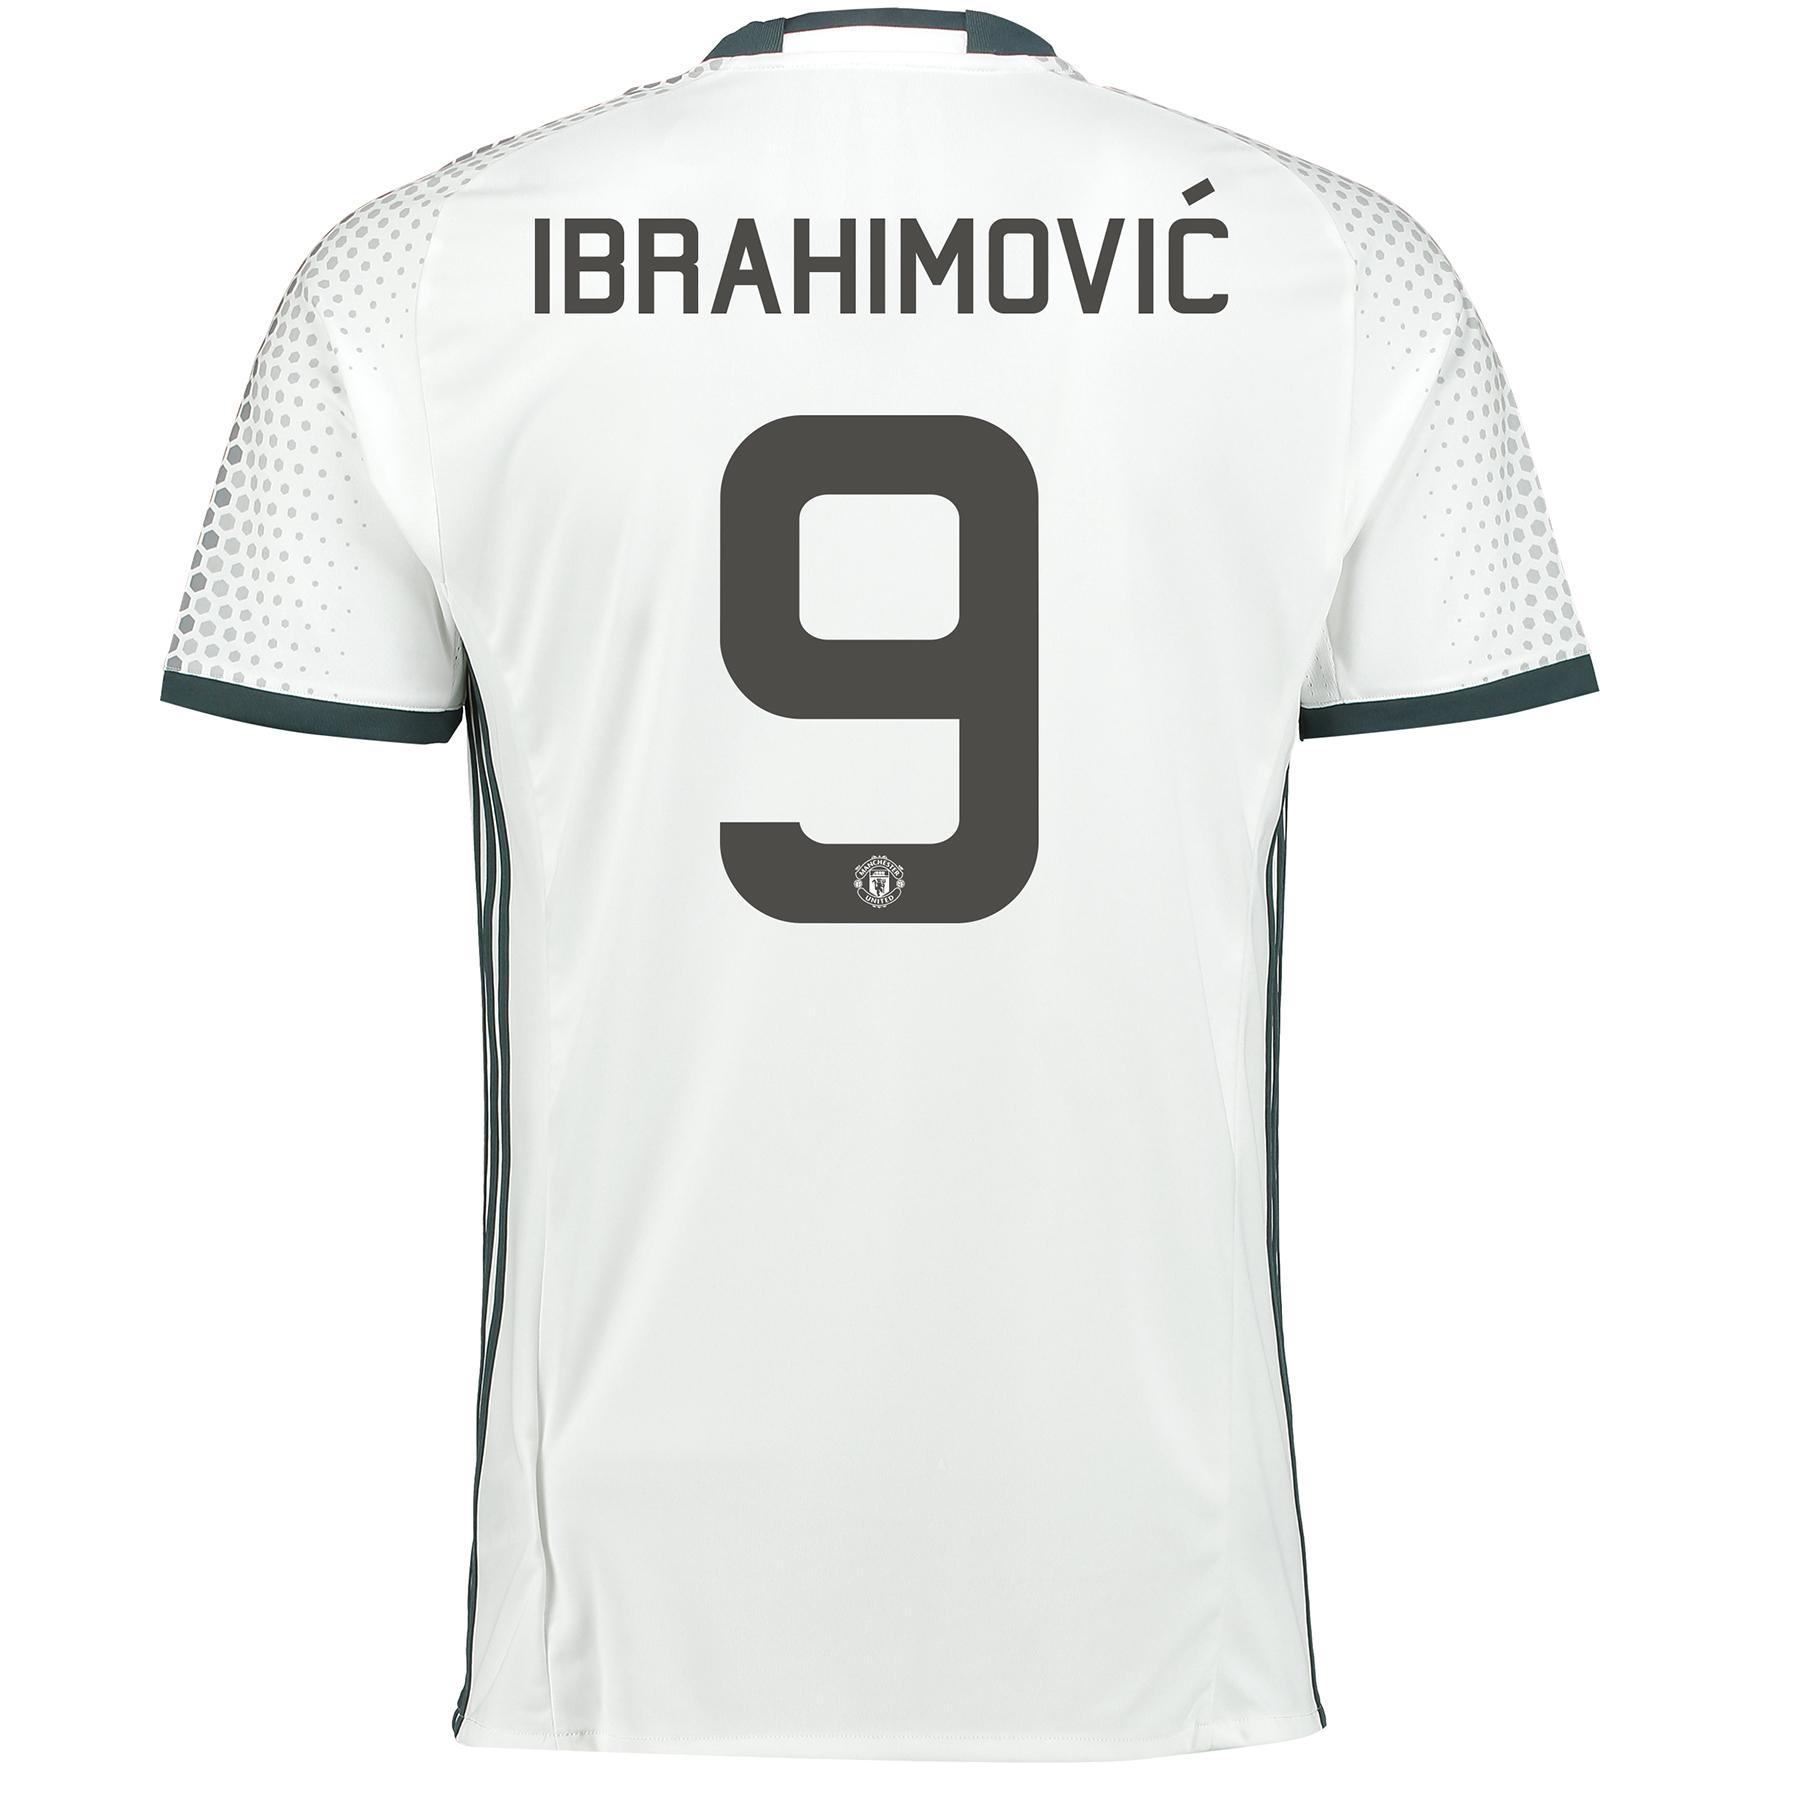 Troisième Maillot Manchester United 2016-17 - Ibrahimovic 9 - Imprimé